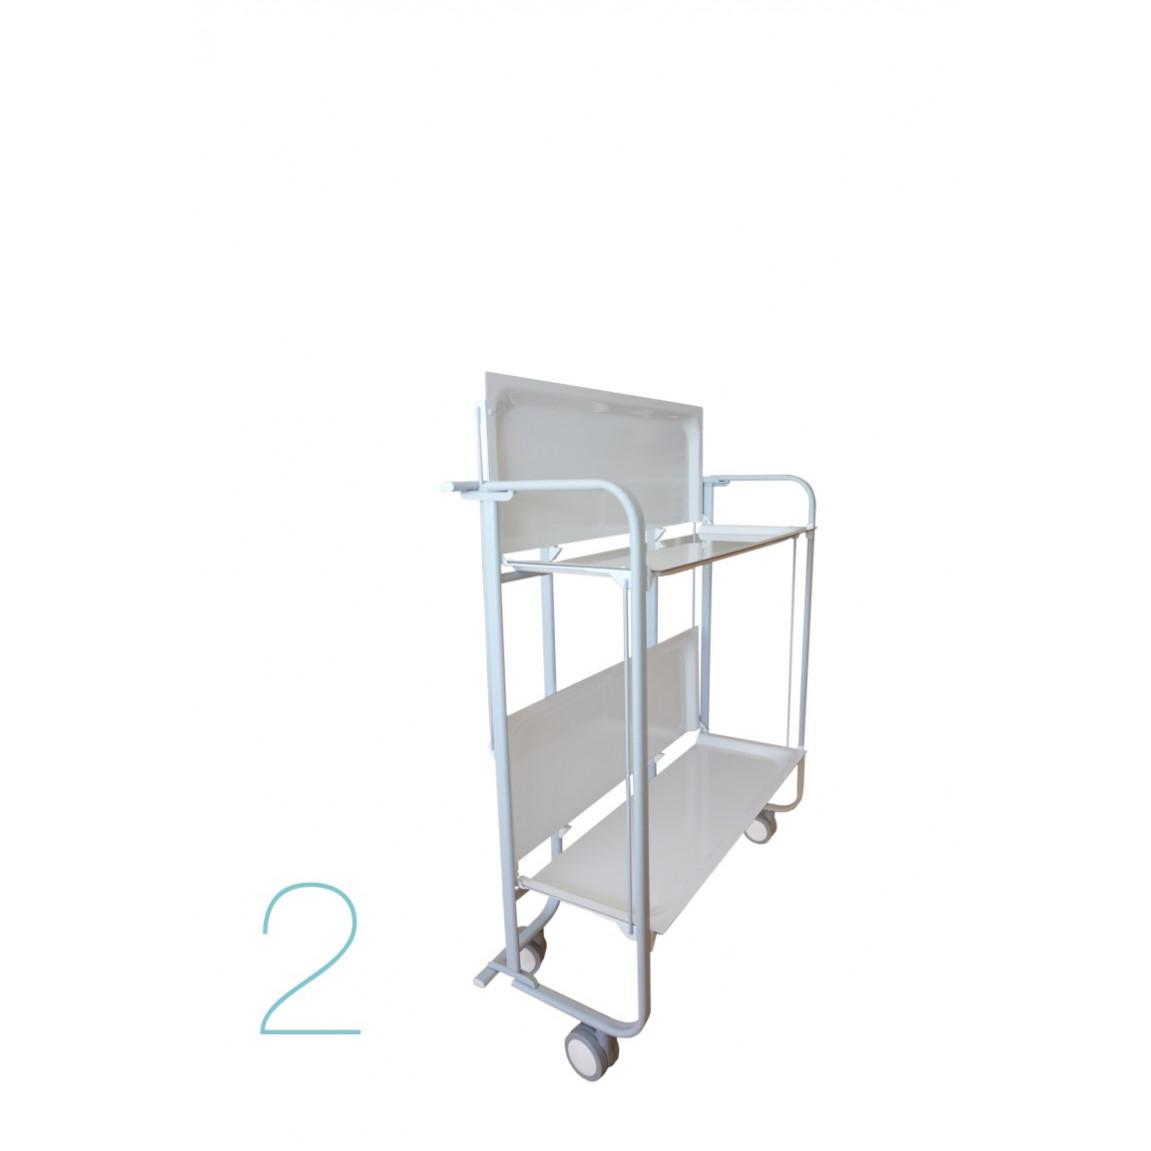 Faltbarer 2-stöckiger Servierwagen | Weiß 89